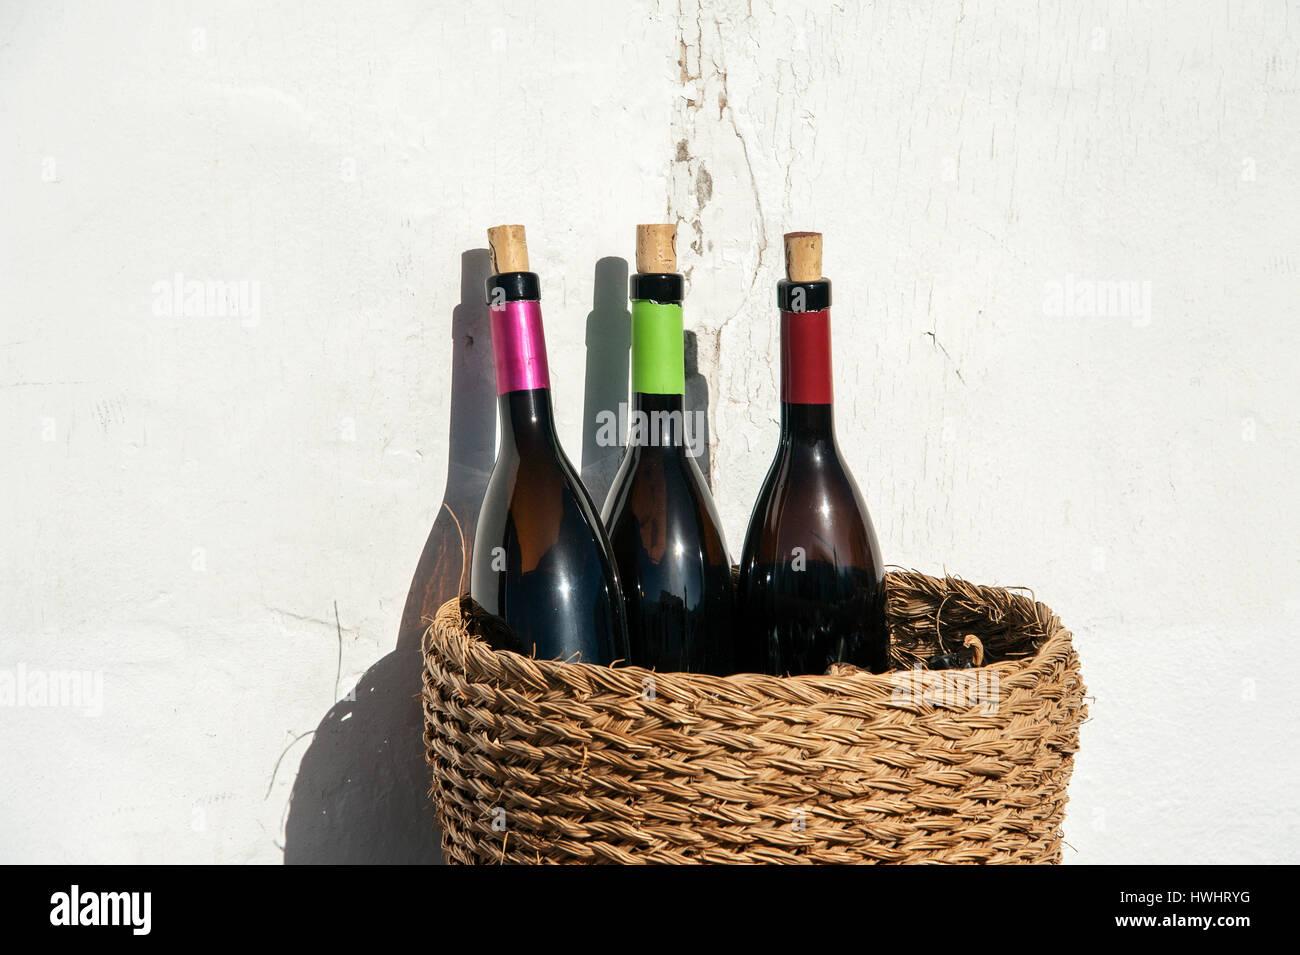 Reisen, Kanaren, Kanarische Inseln, Lanzarote: Weinflaschen in Einem Weidenkorb, Tequise. Stockbild